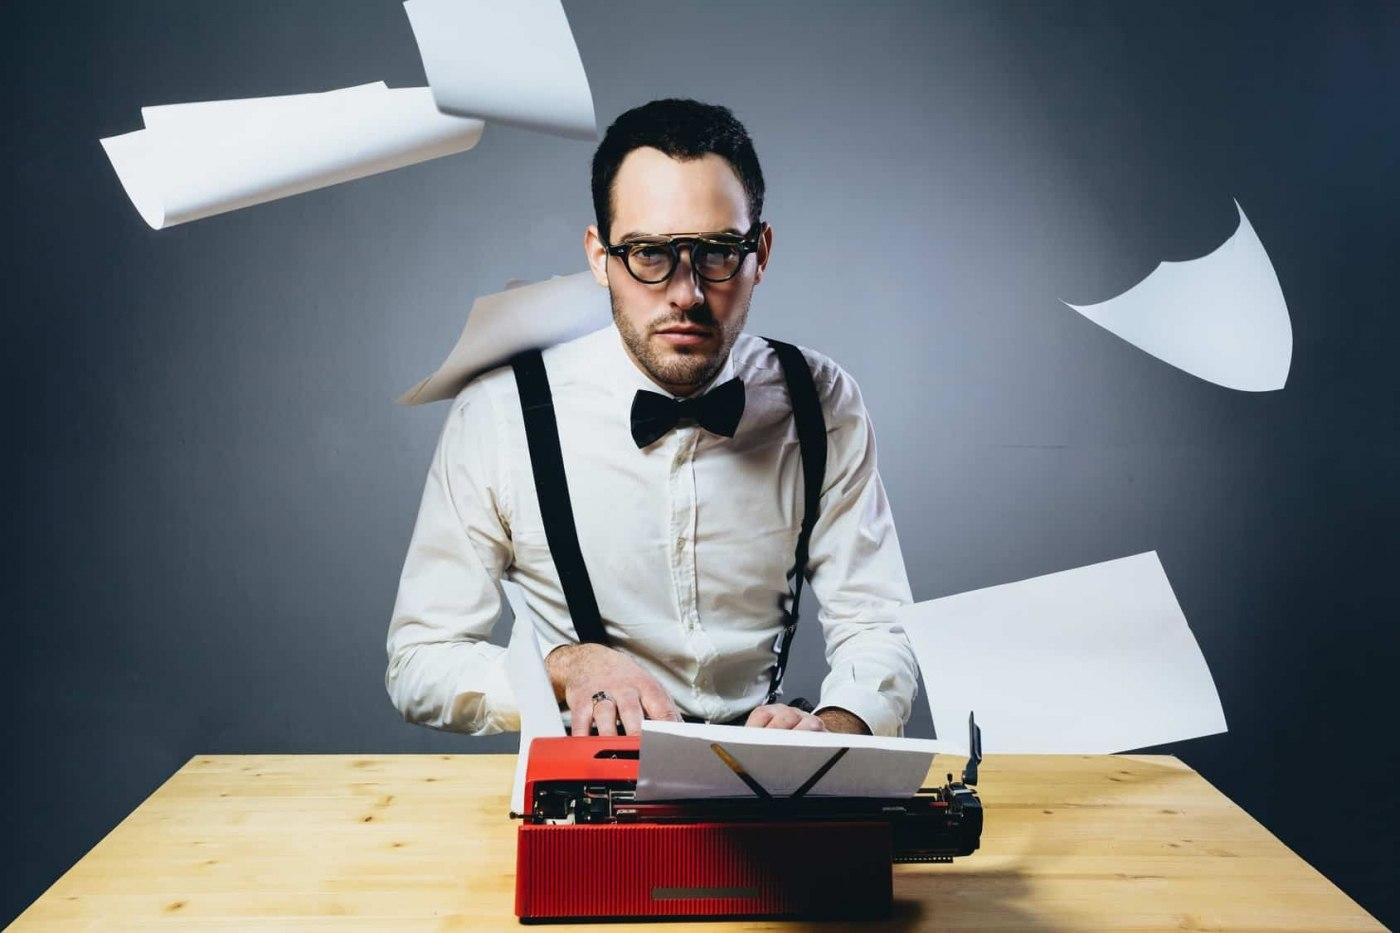 Удаленная работа вакансия сценарист как фрилансеру взять ипотеку